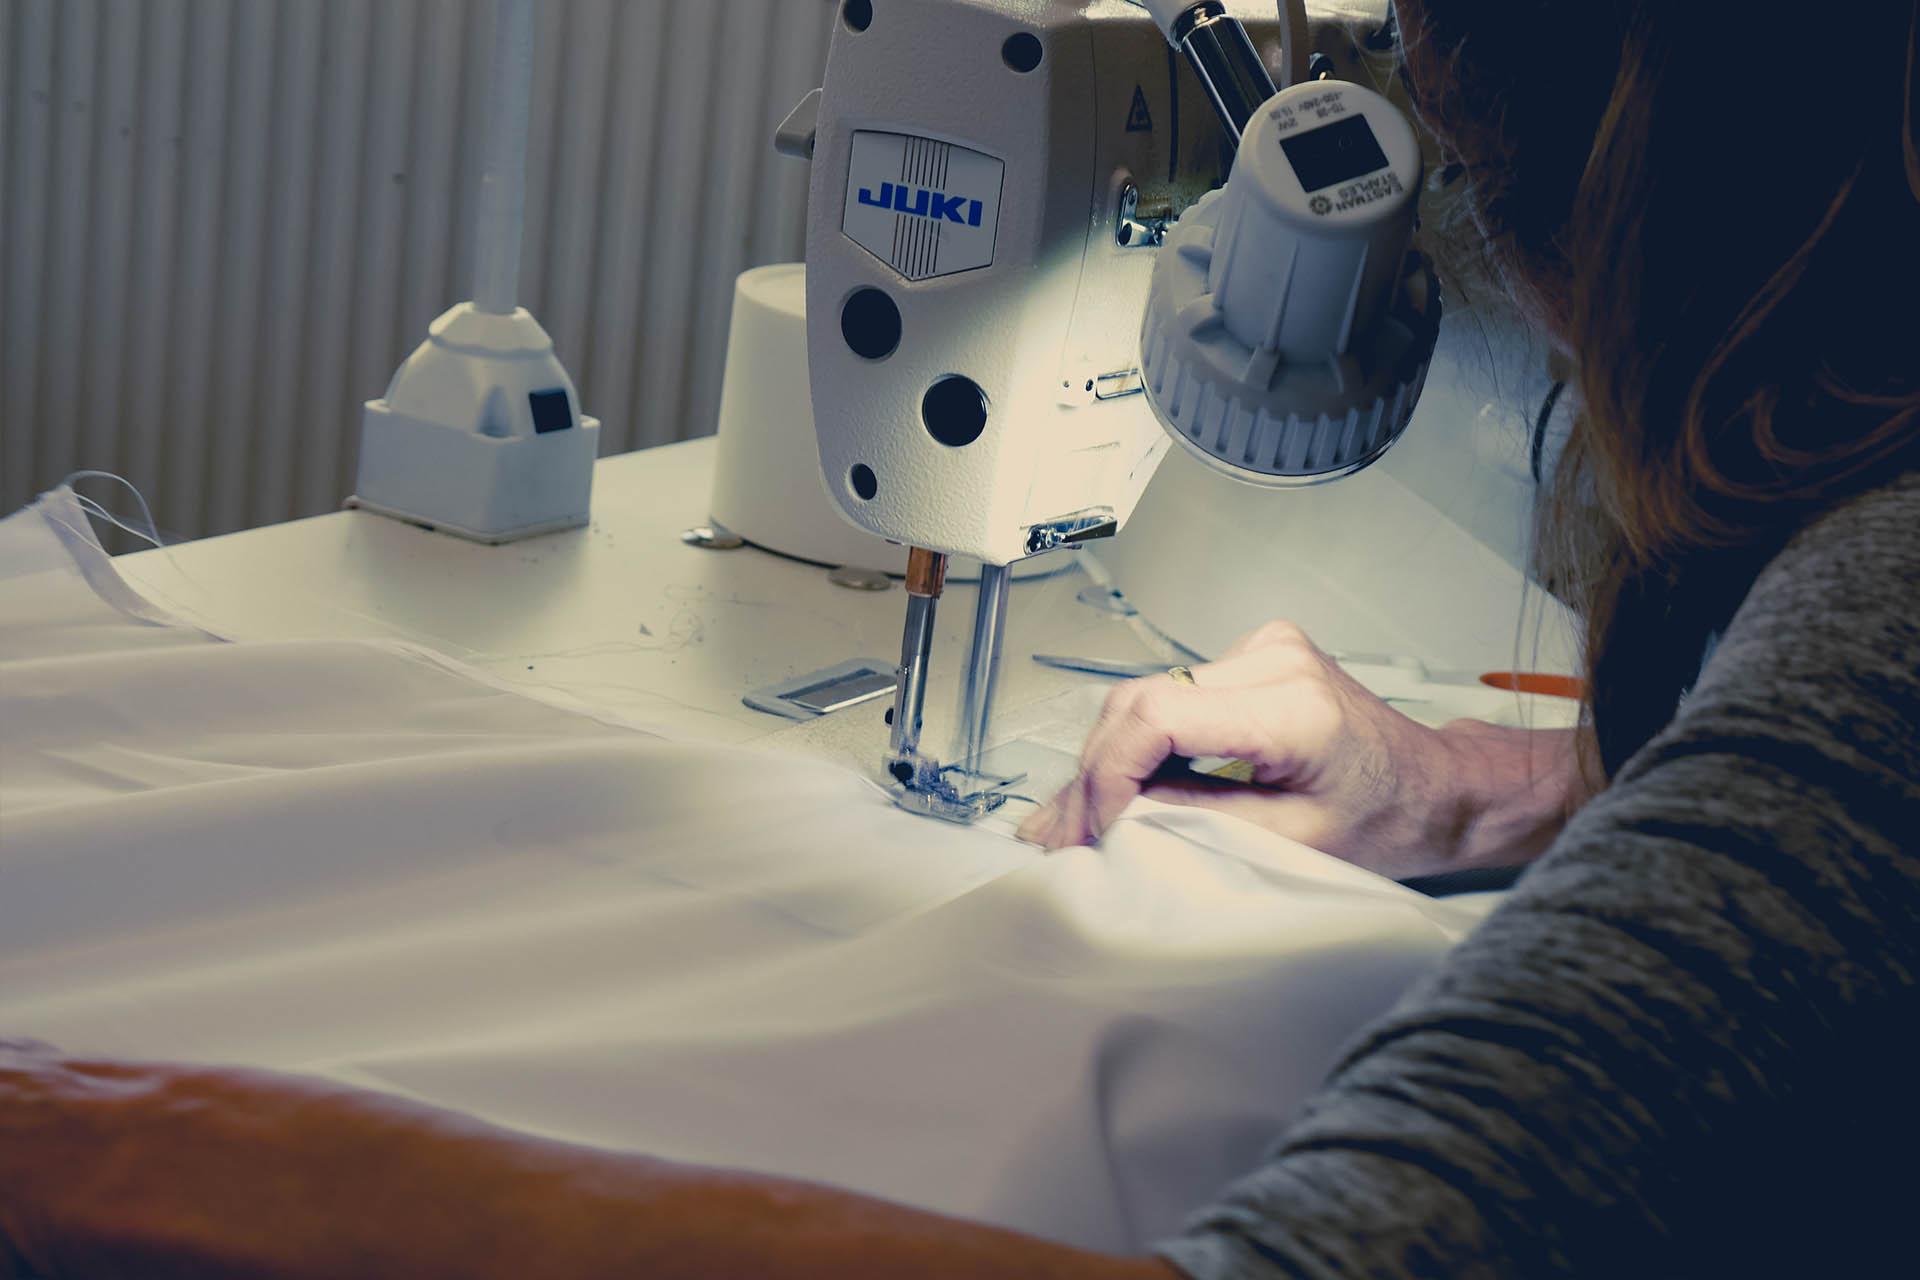 Faber Exposize Sewing & finishing